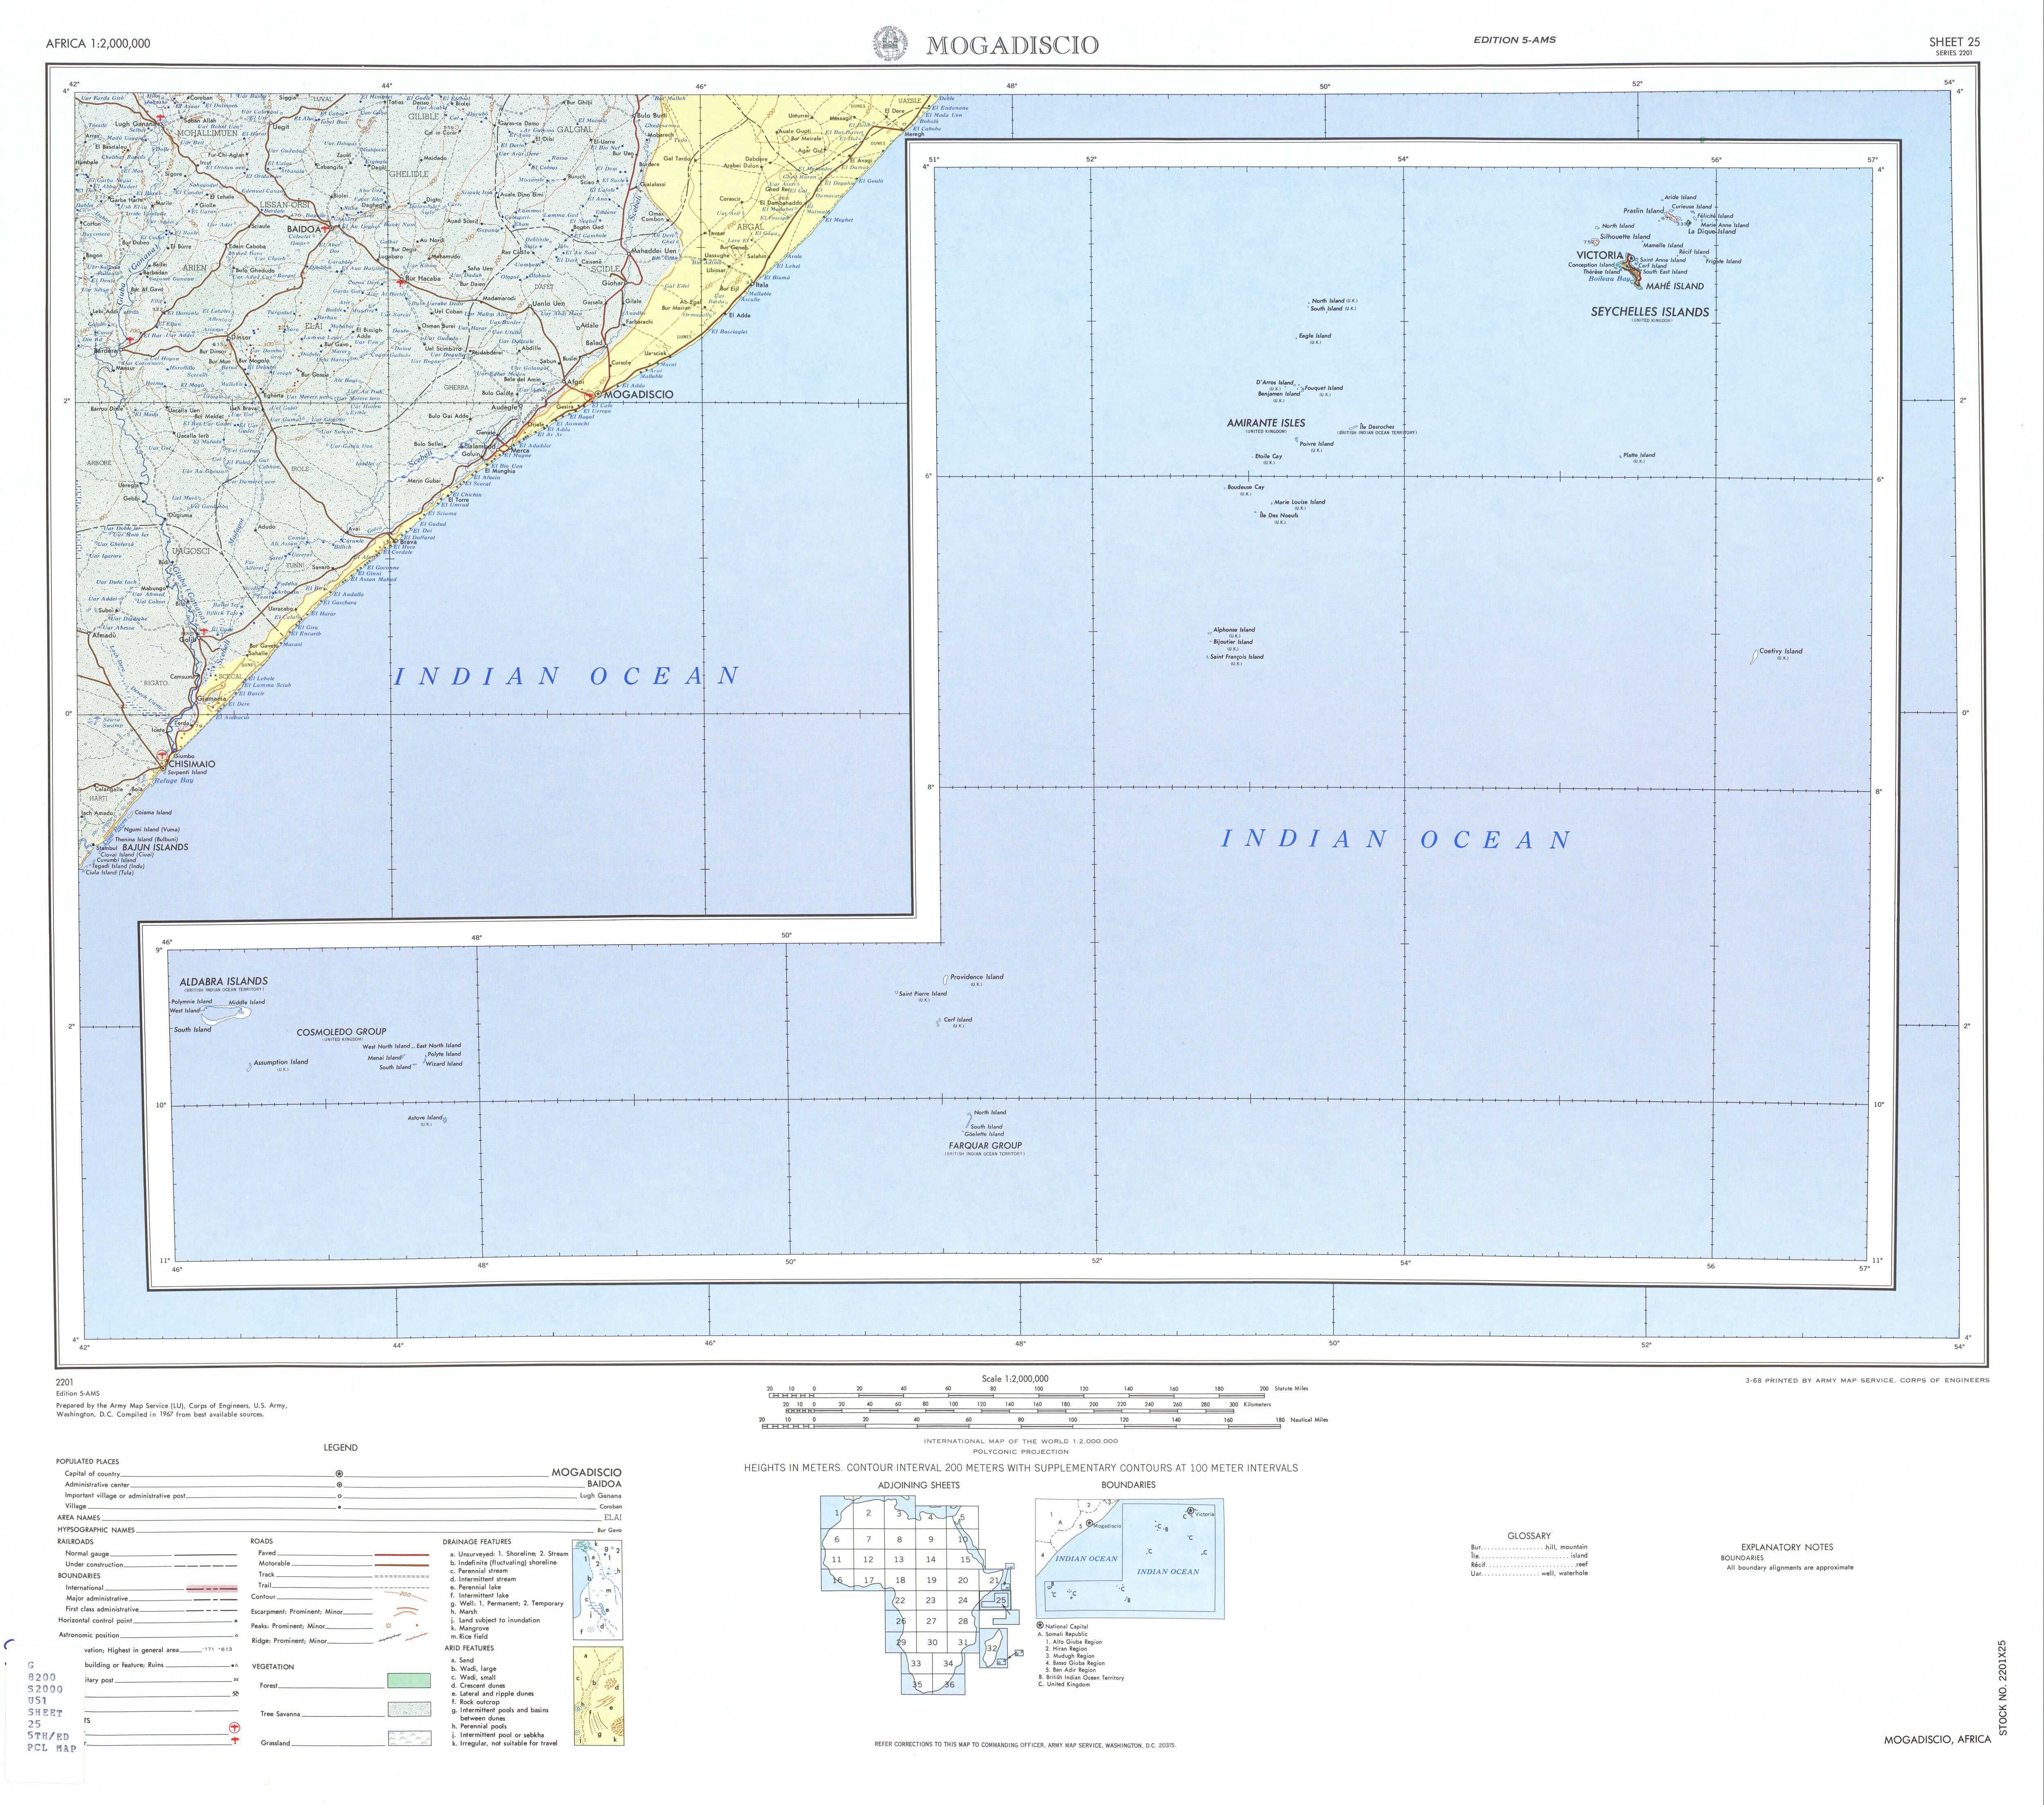 Hoja Mogadiscio (Mogadiscio) del Mapa Topográfico de África 1967